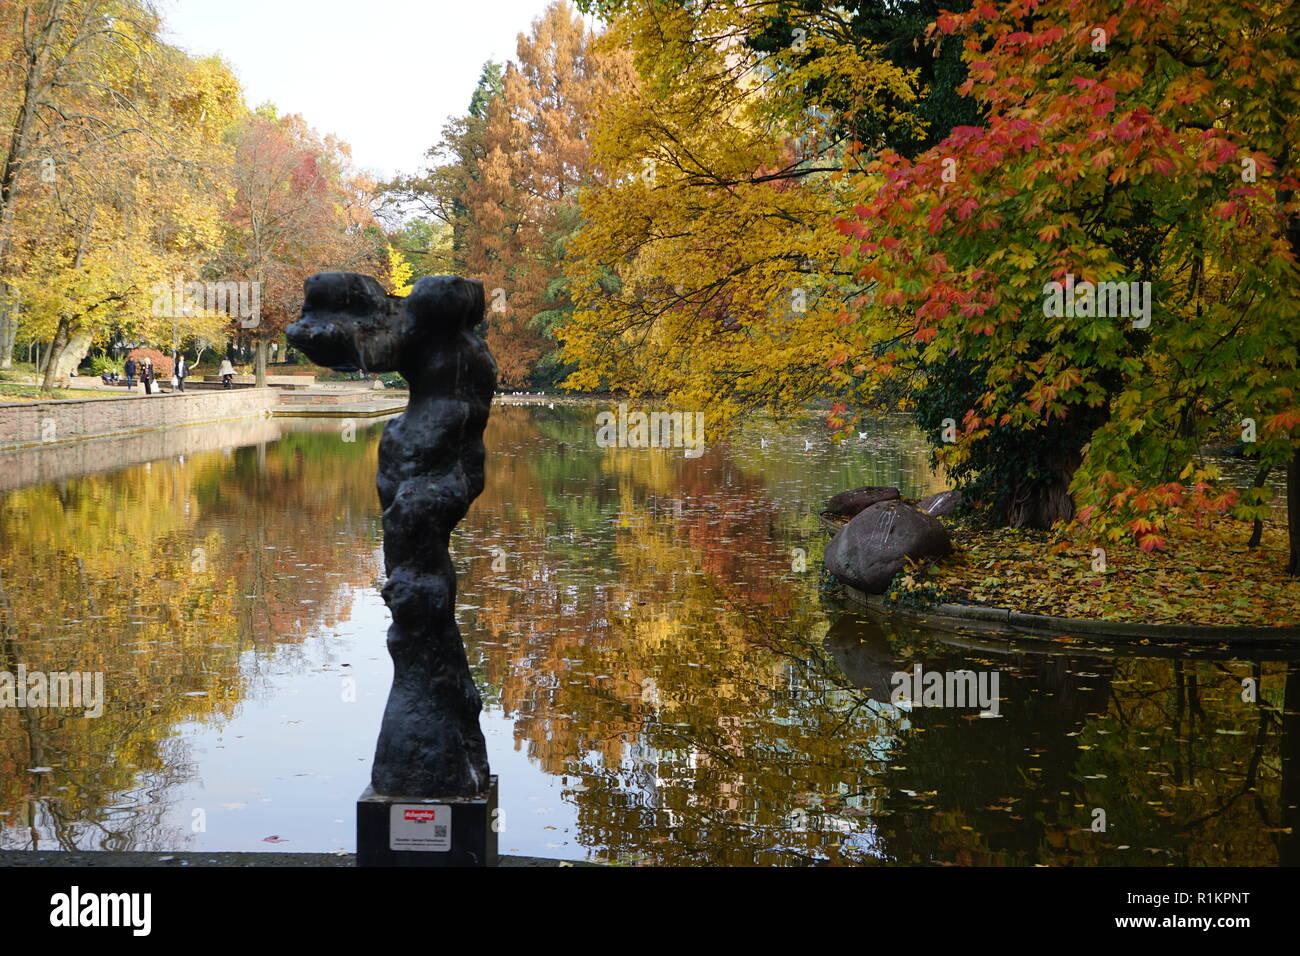 Karyatide, Skulptur am Albert-Mangelsdorff-Weiher, großer Weiher, Bockenheimer Anlage, Frankfurt am Main - Stock Image